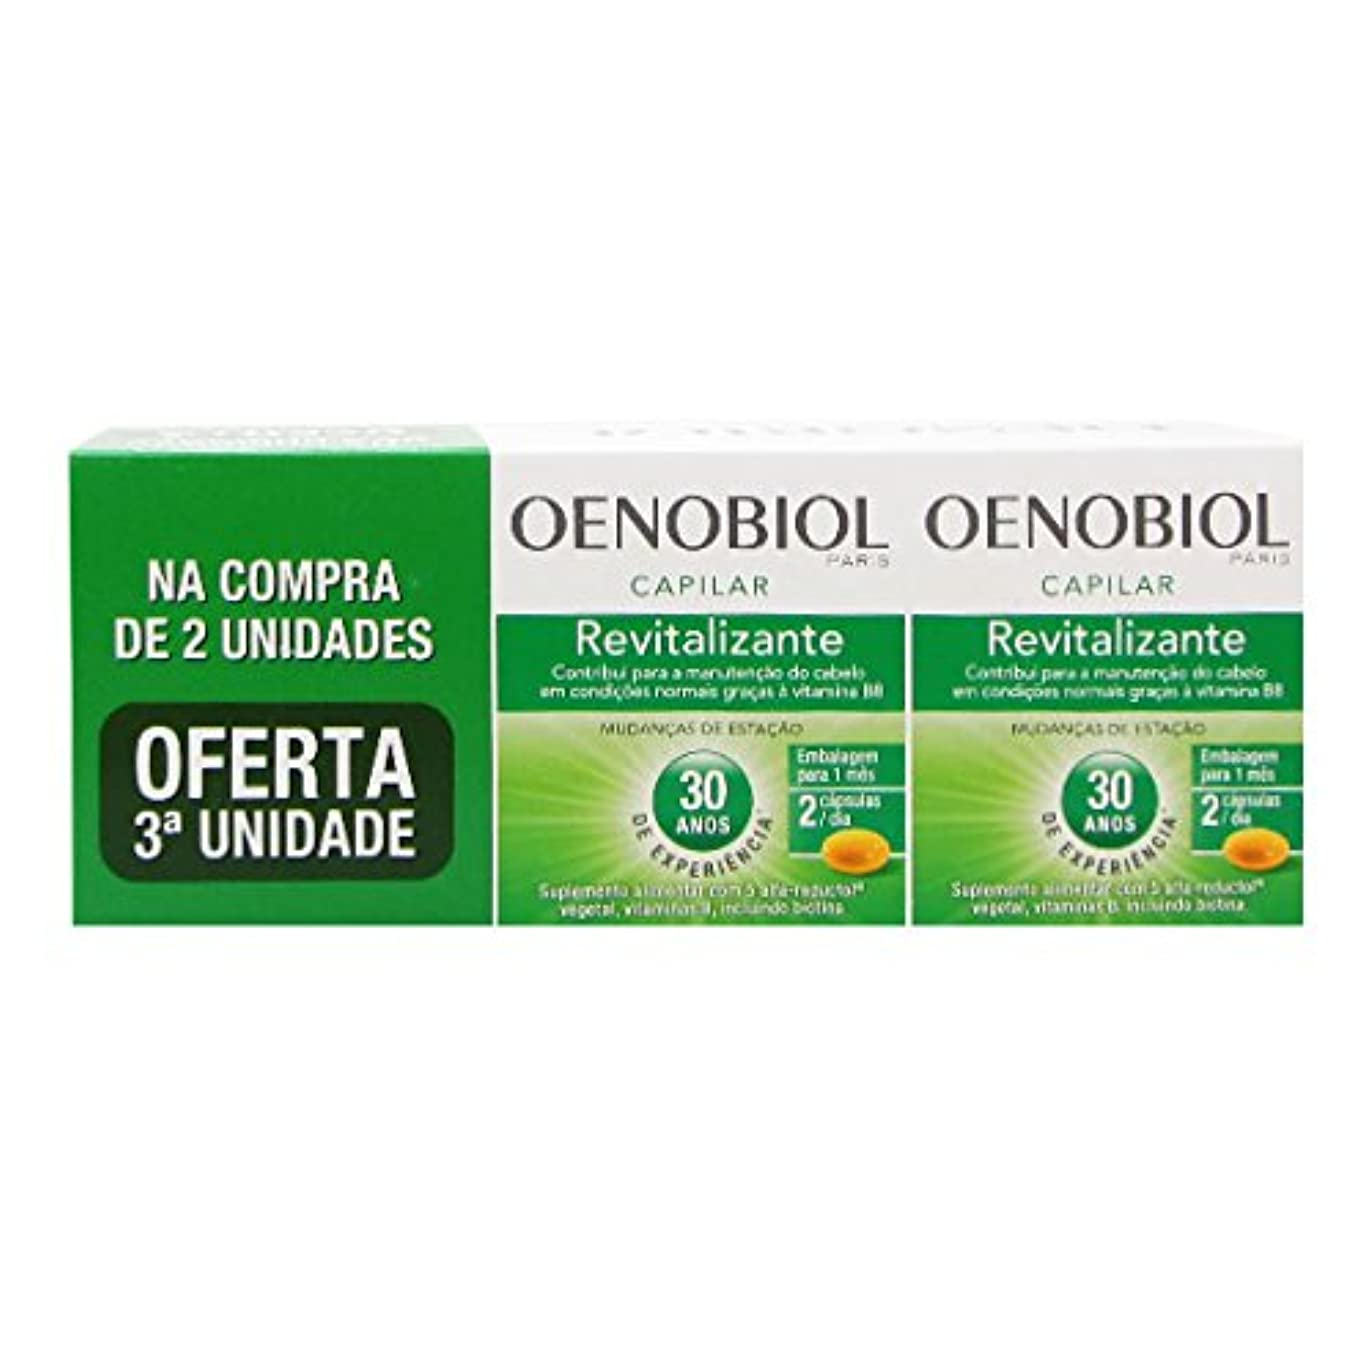 脇に切り下げびっくりOenobiol Revitalizante Capilar Pack 3x60caps [並行輸入品]